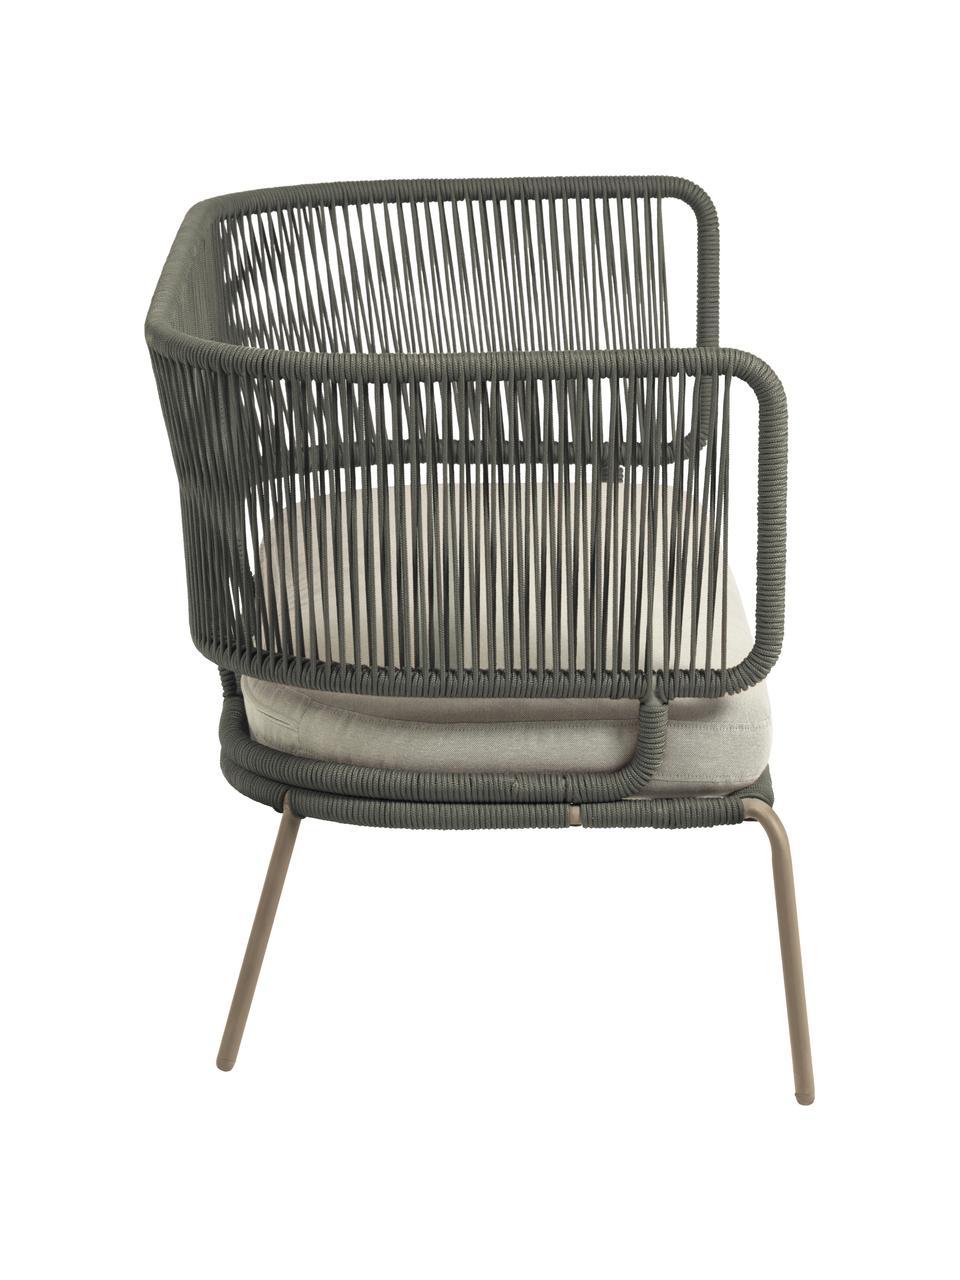 Sofa ogrodowa Nadin (2-osobowa), Stelaż: metal ocynkowany i lakier, Tapicerka: poliester, Zielony, S 135 x G 65 cm